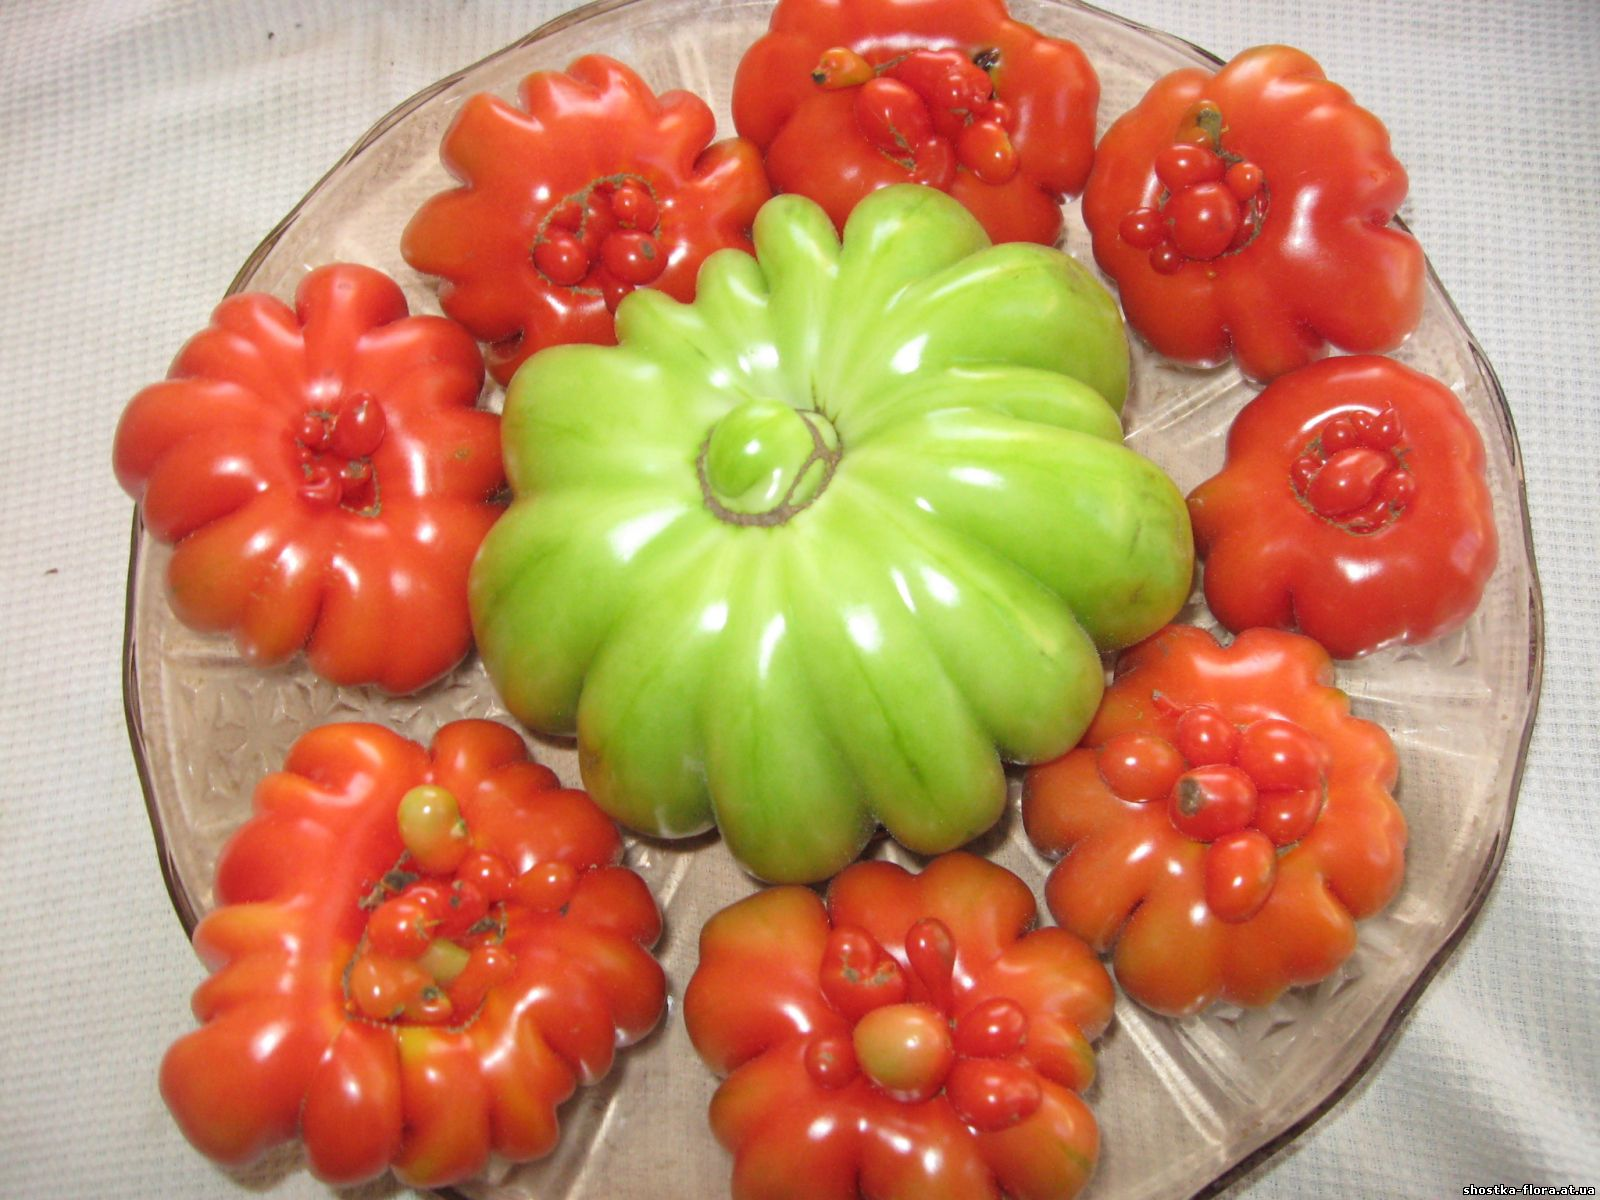 Як підживляти помідори